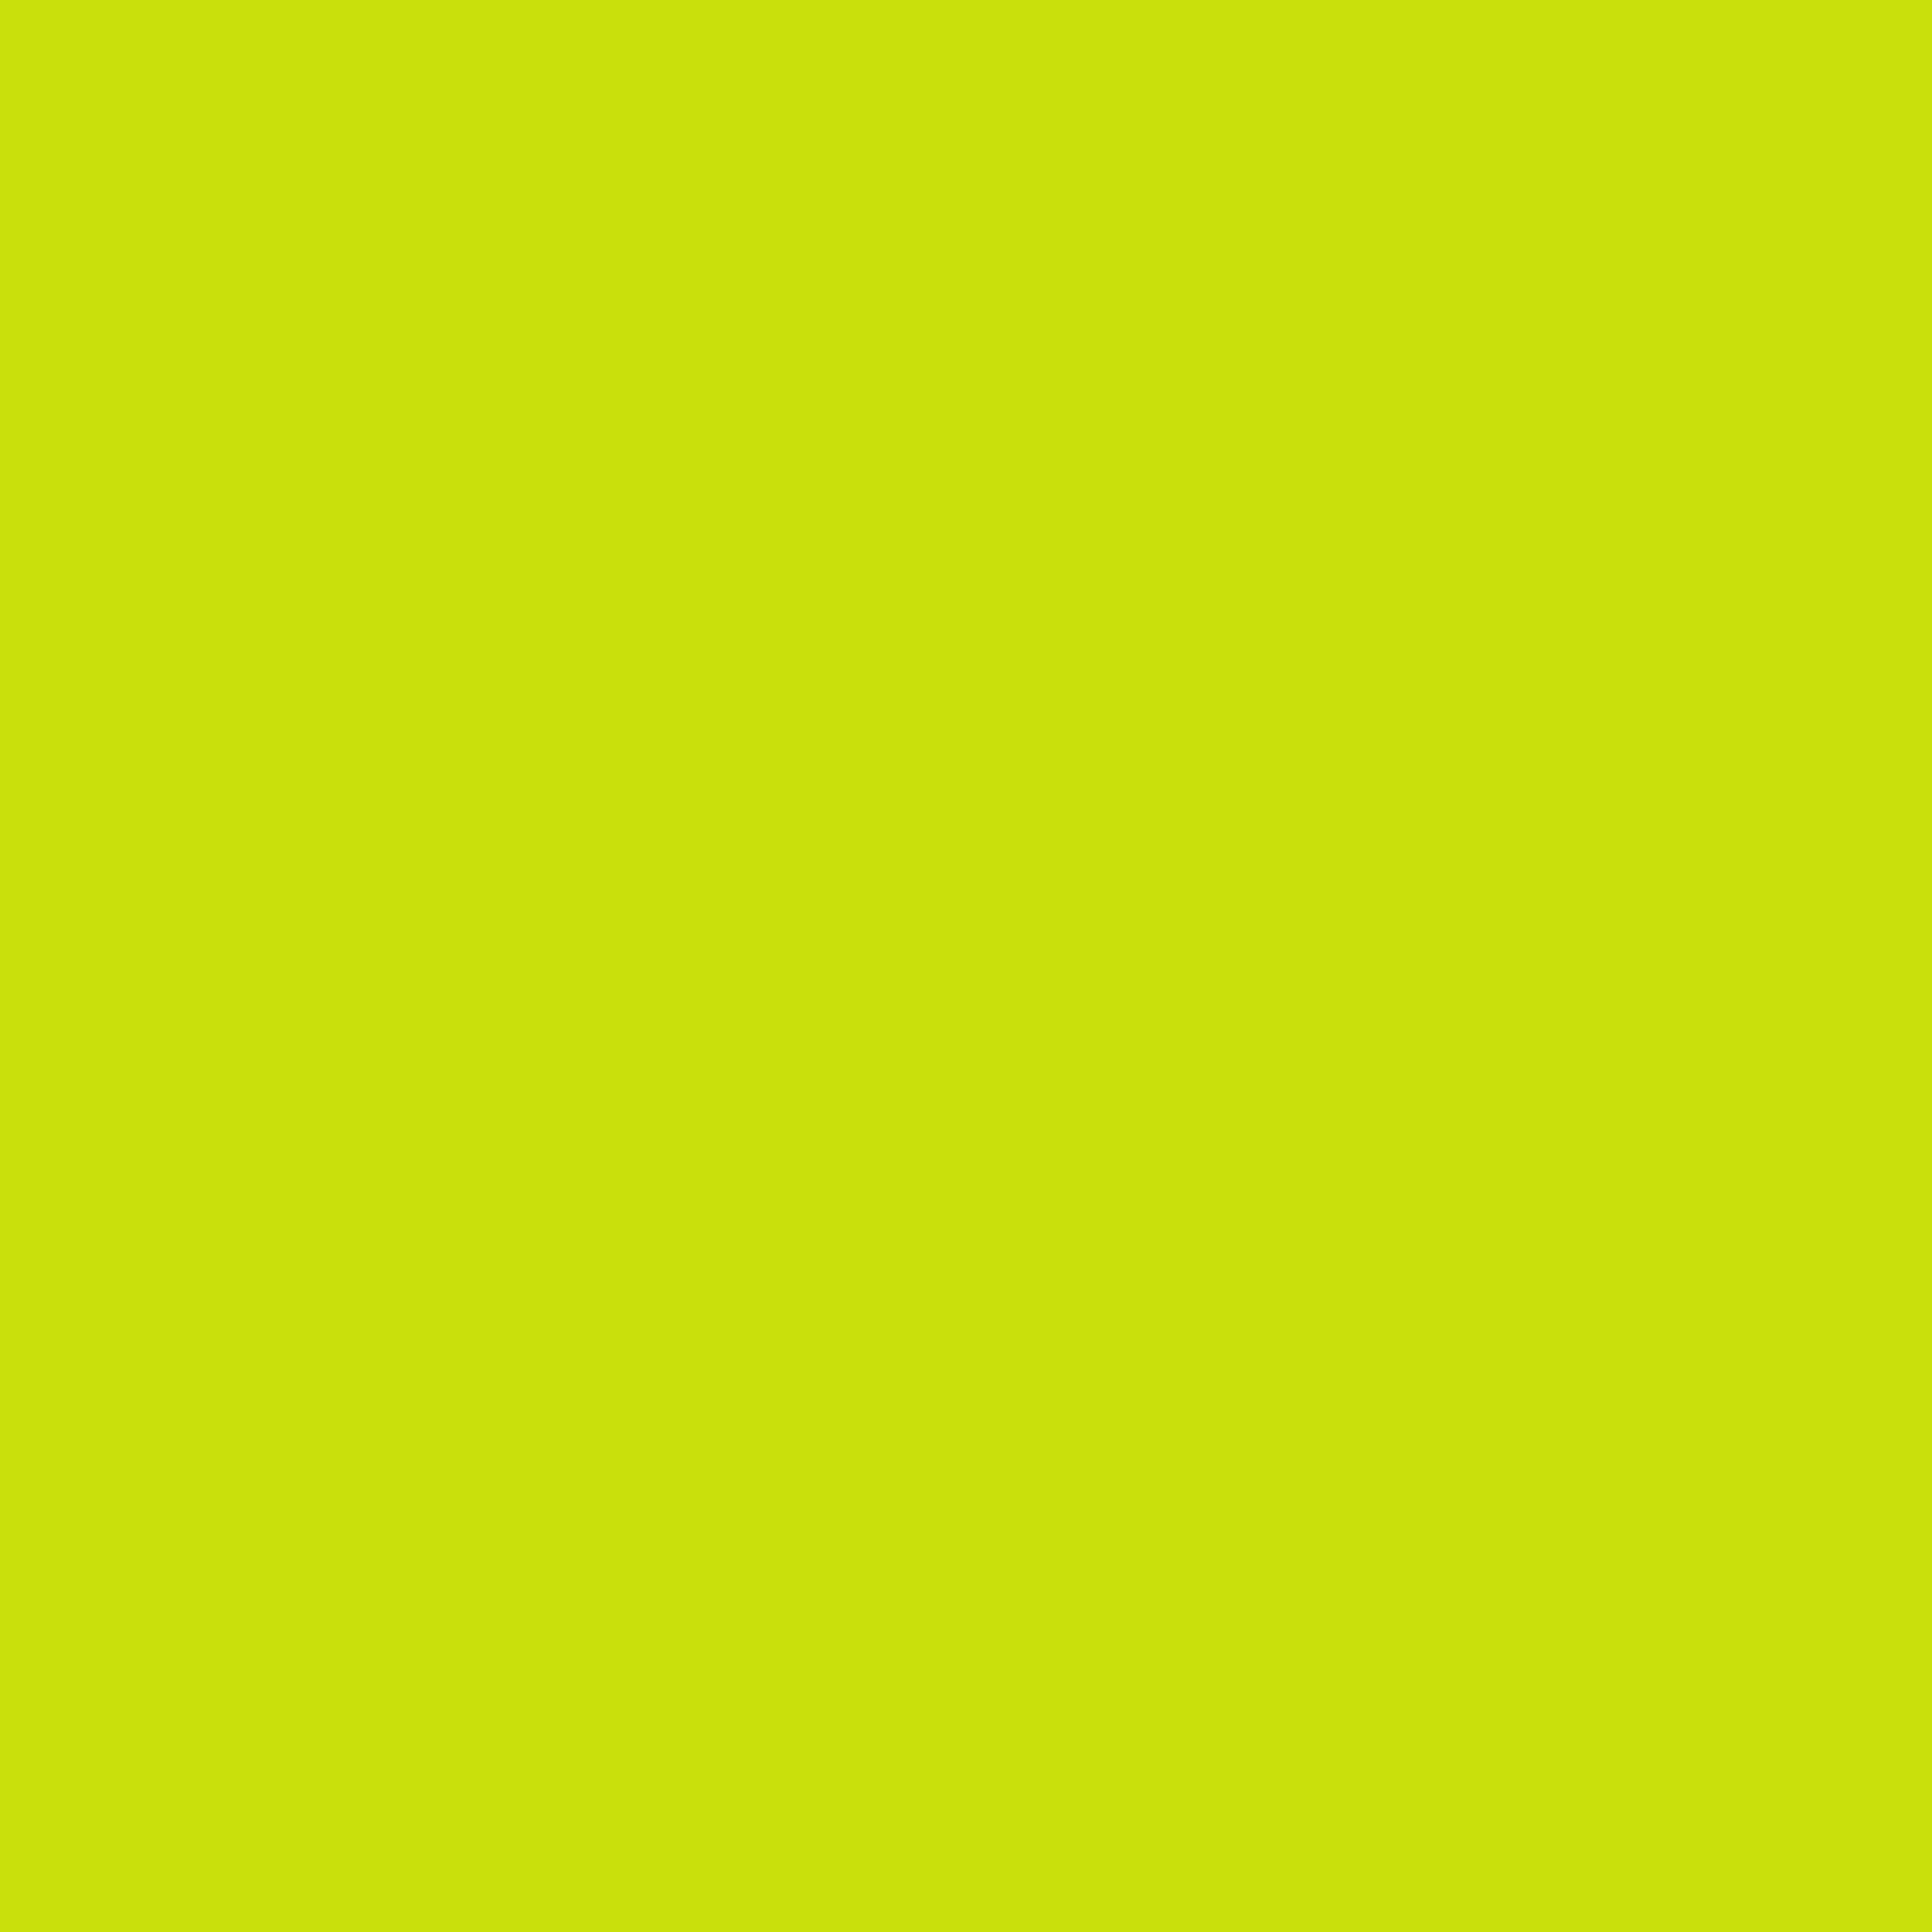 2732x2732 Bitter Lemon Solid Color Background